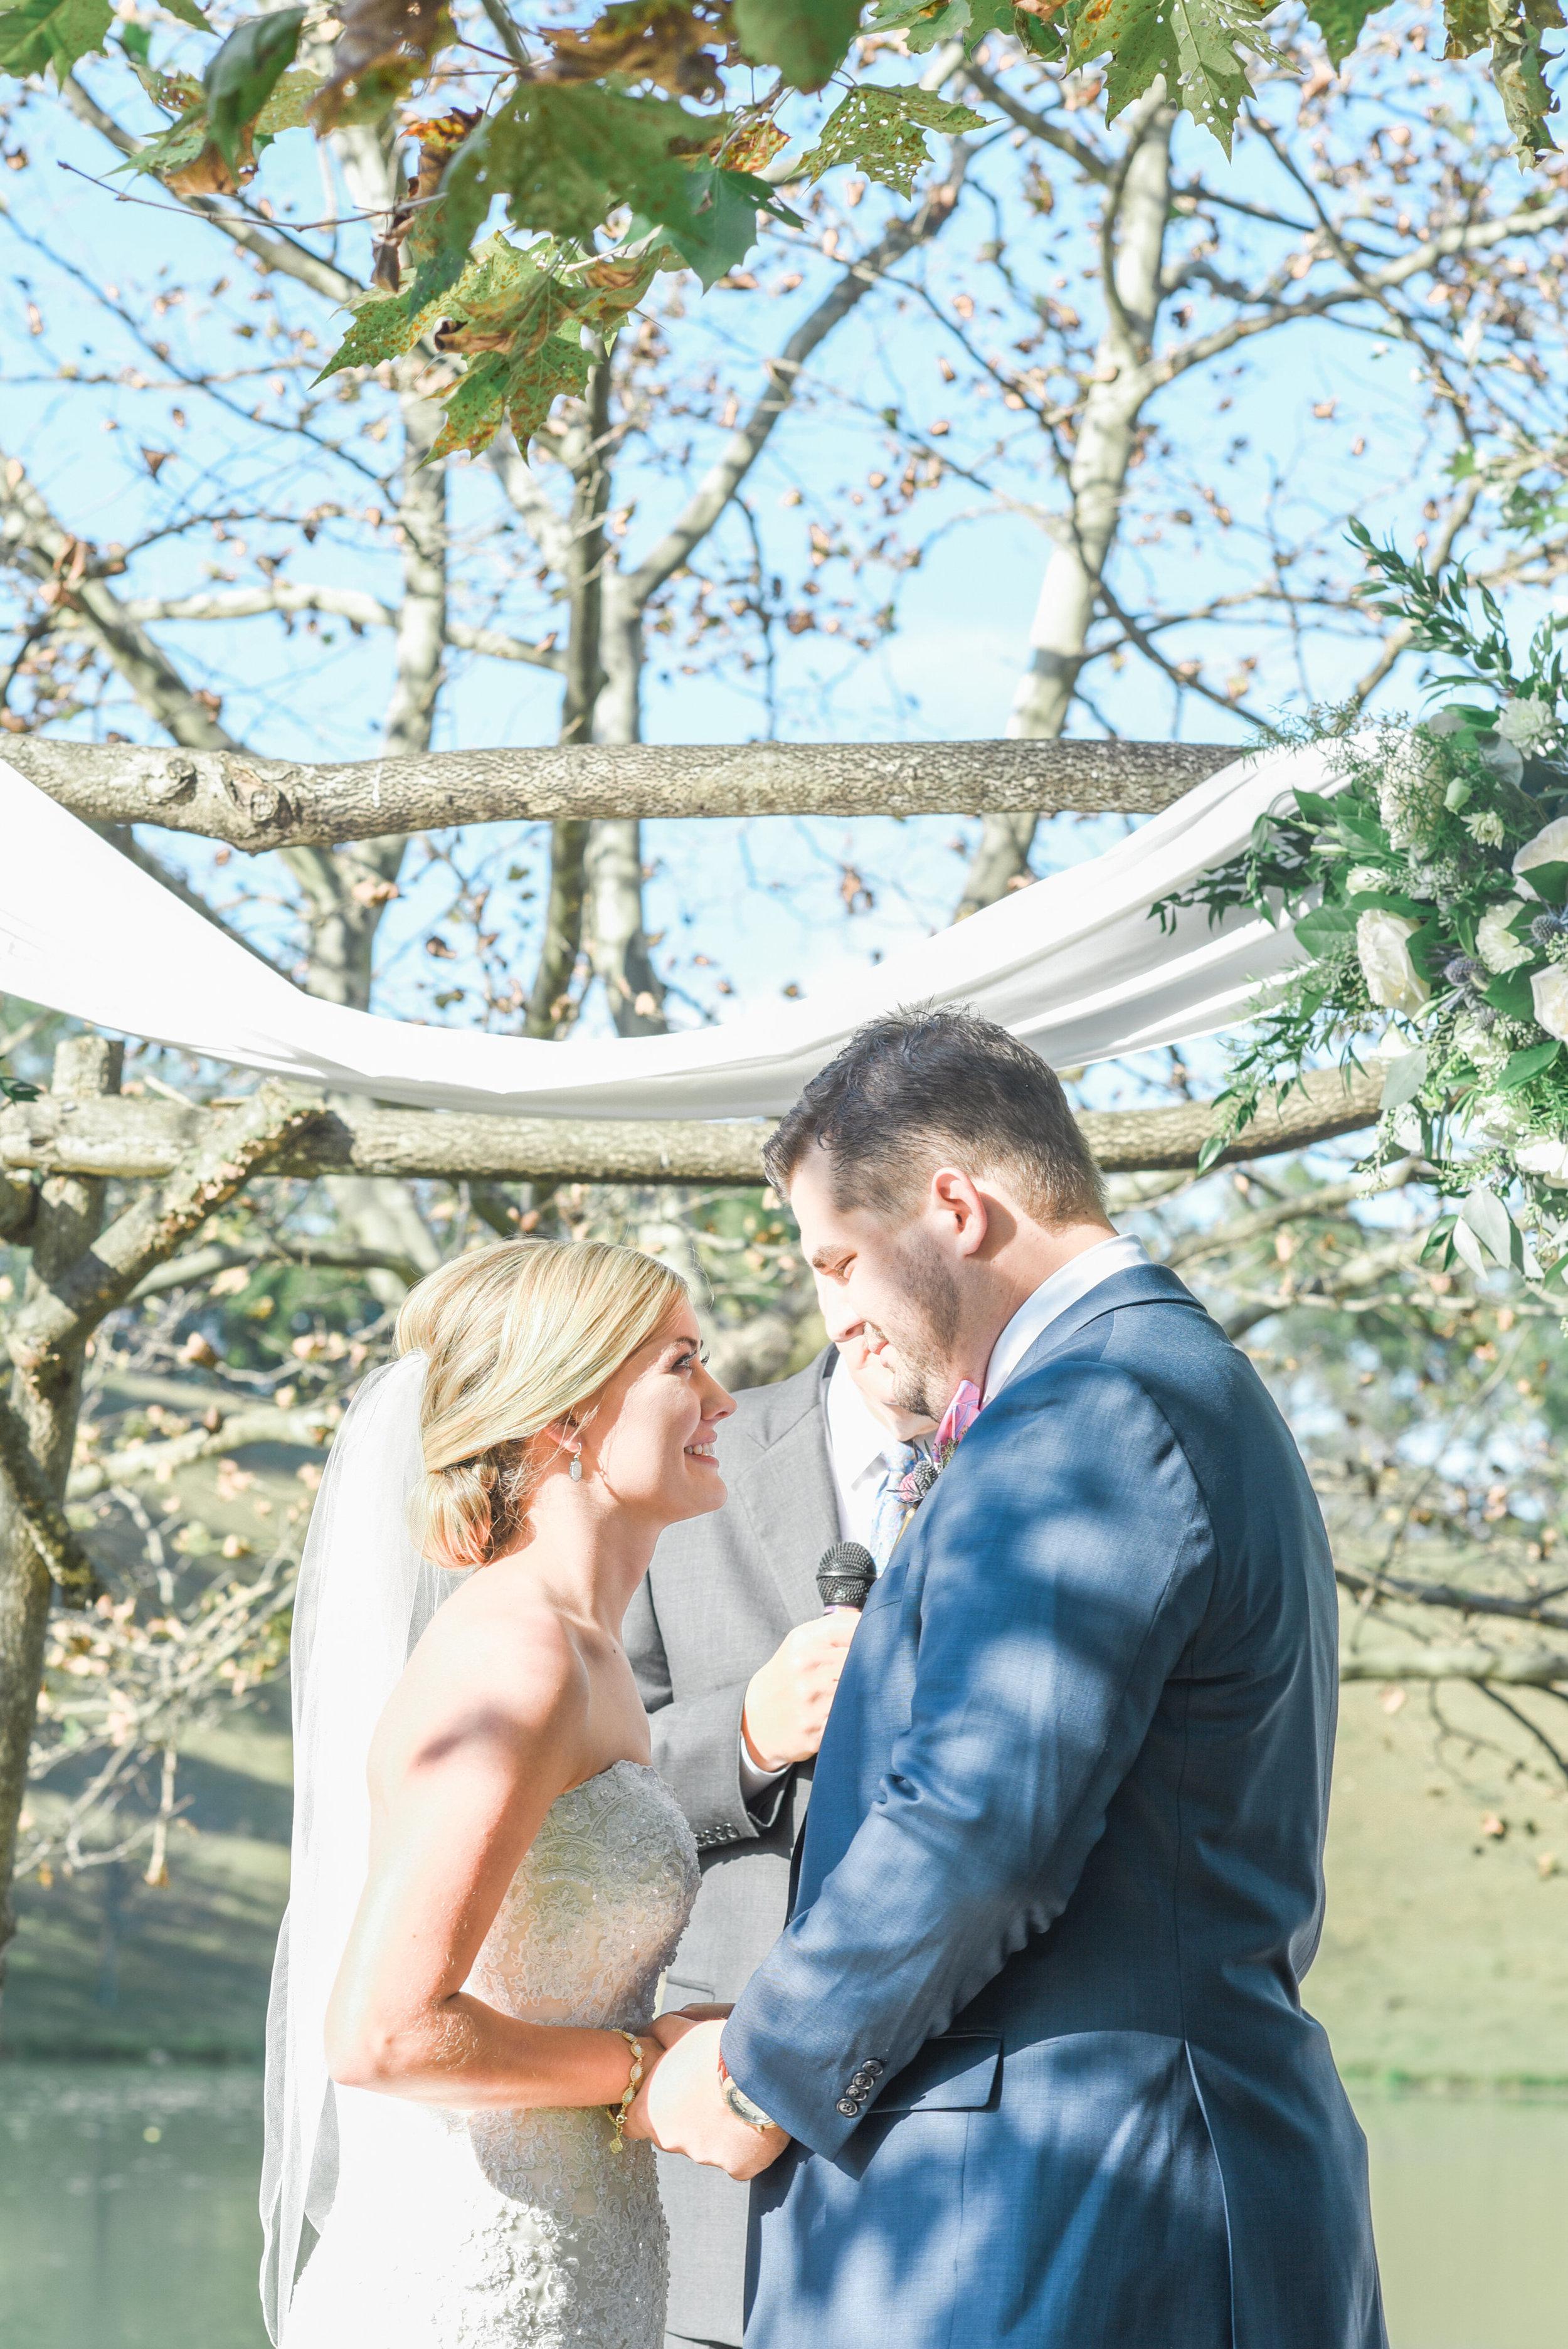 Jake Anna wedding day-ceremony-0051.jpg